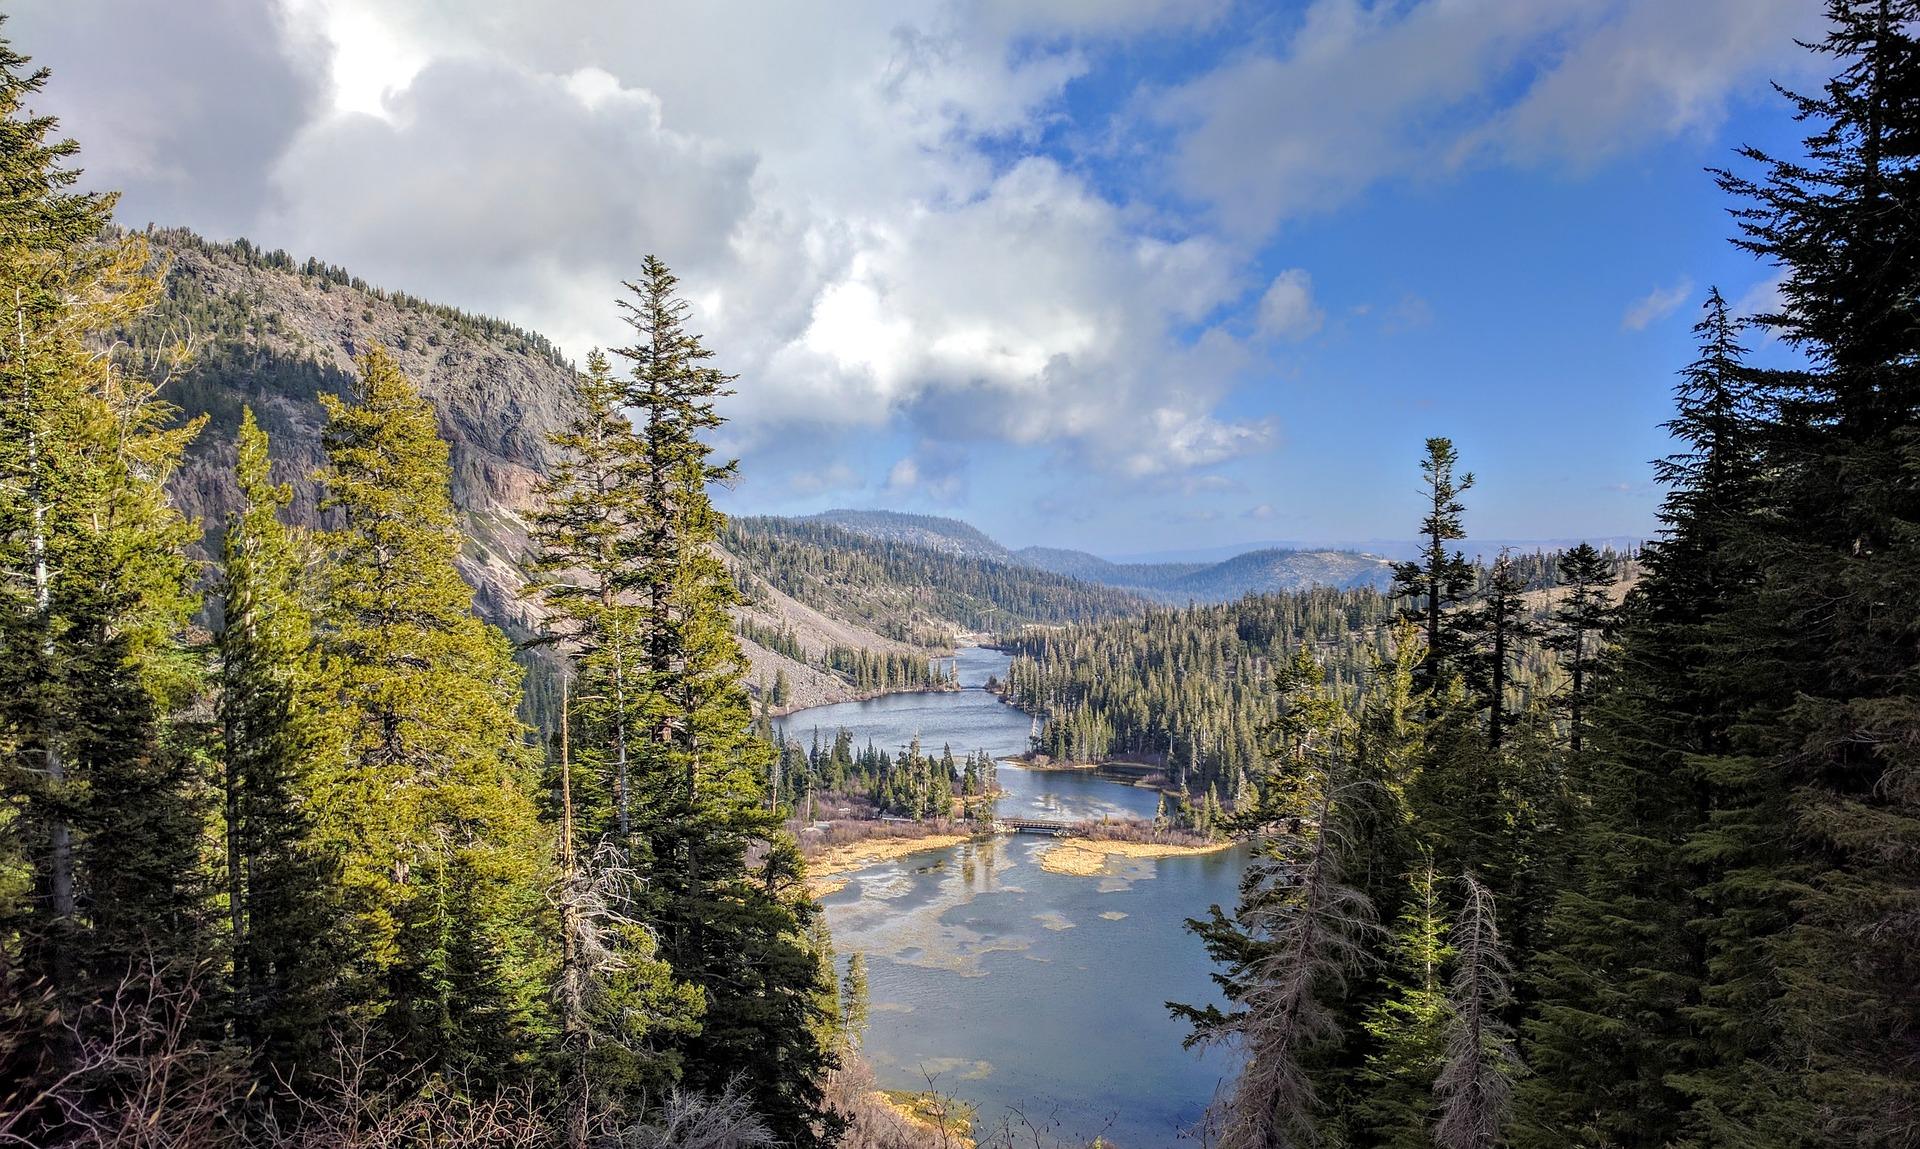 La belle nature de Mammoth Lakes